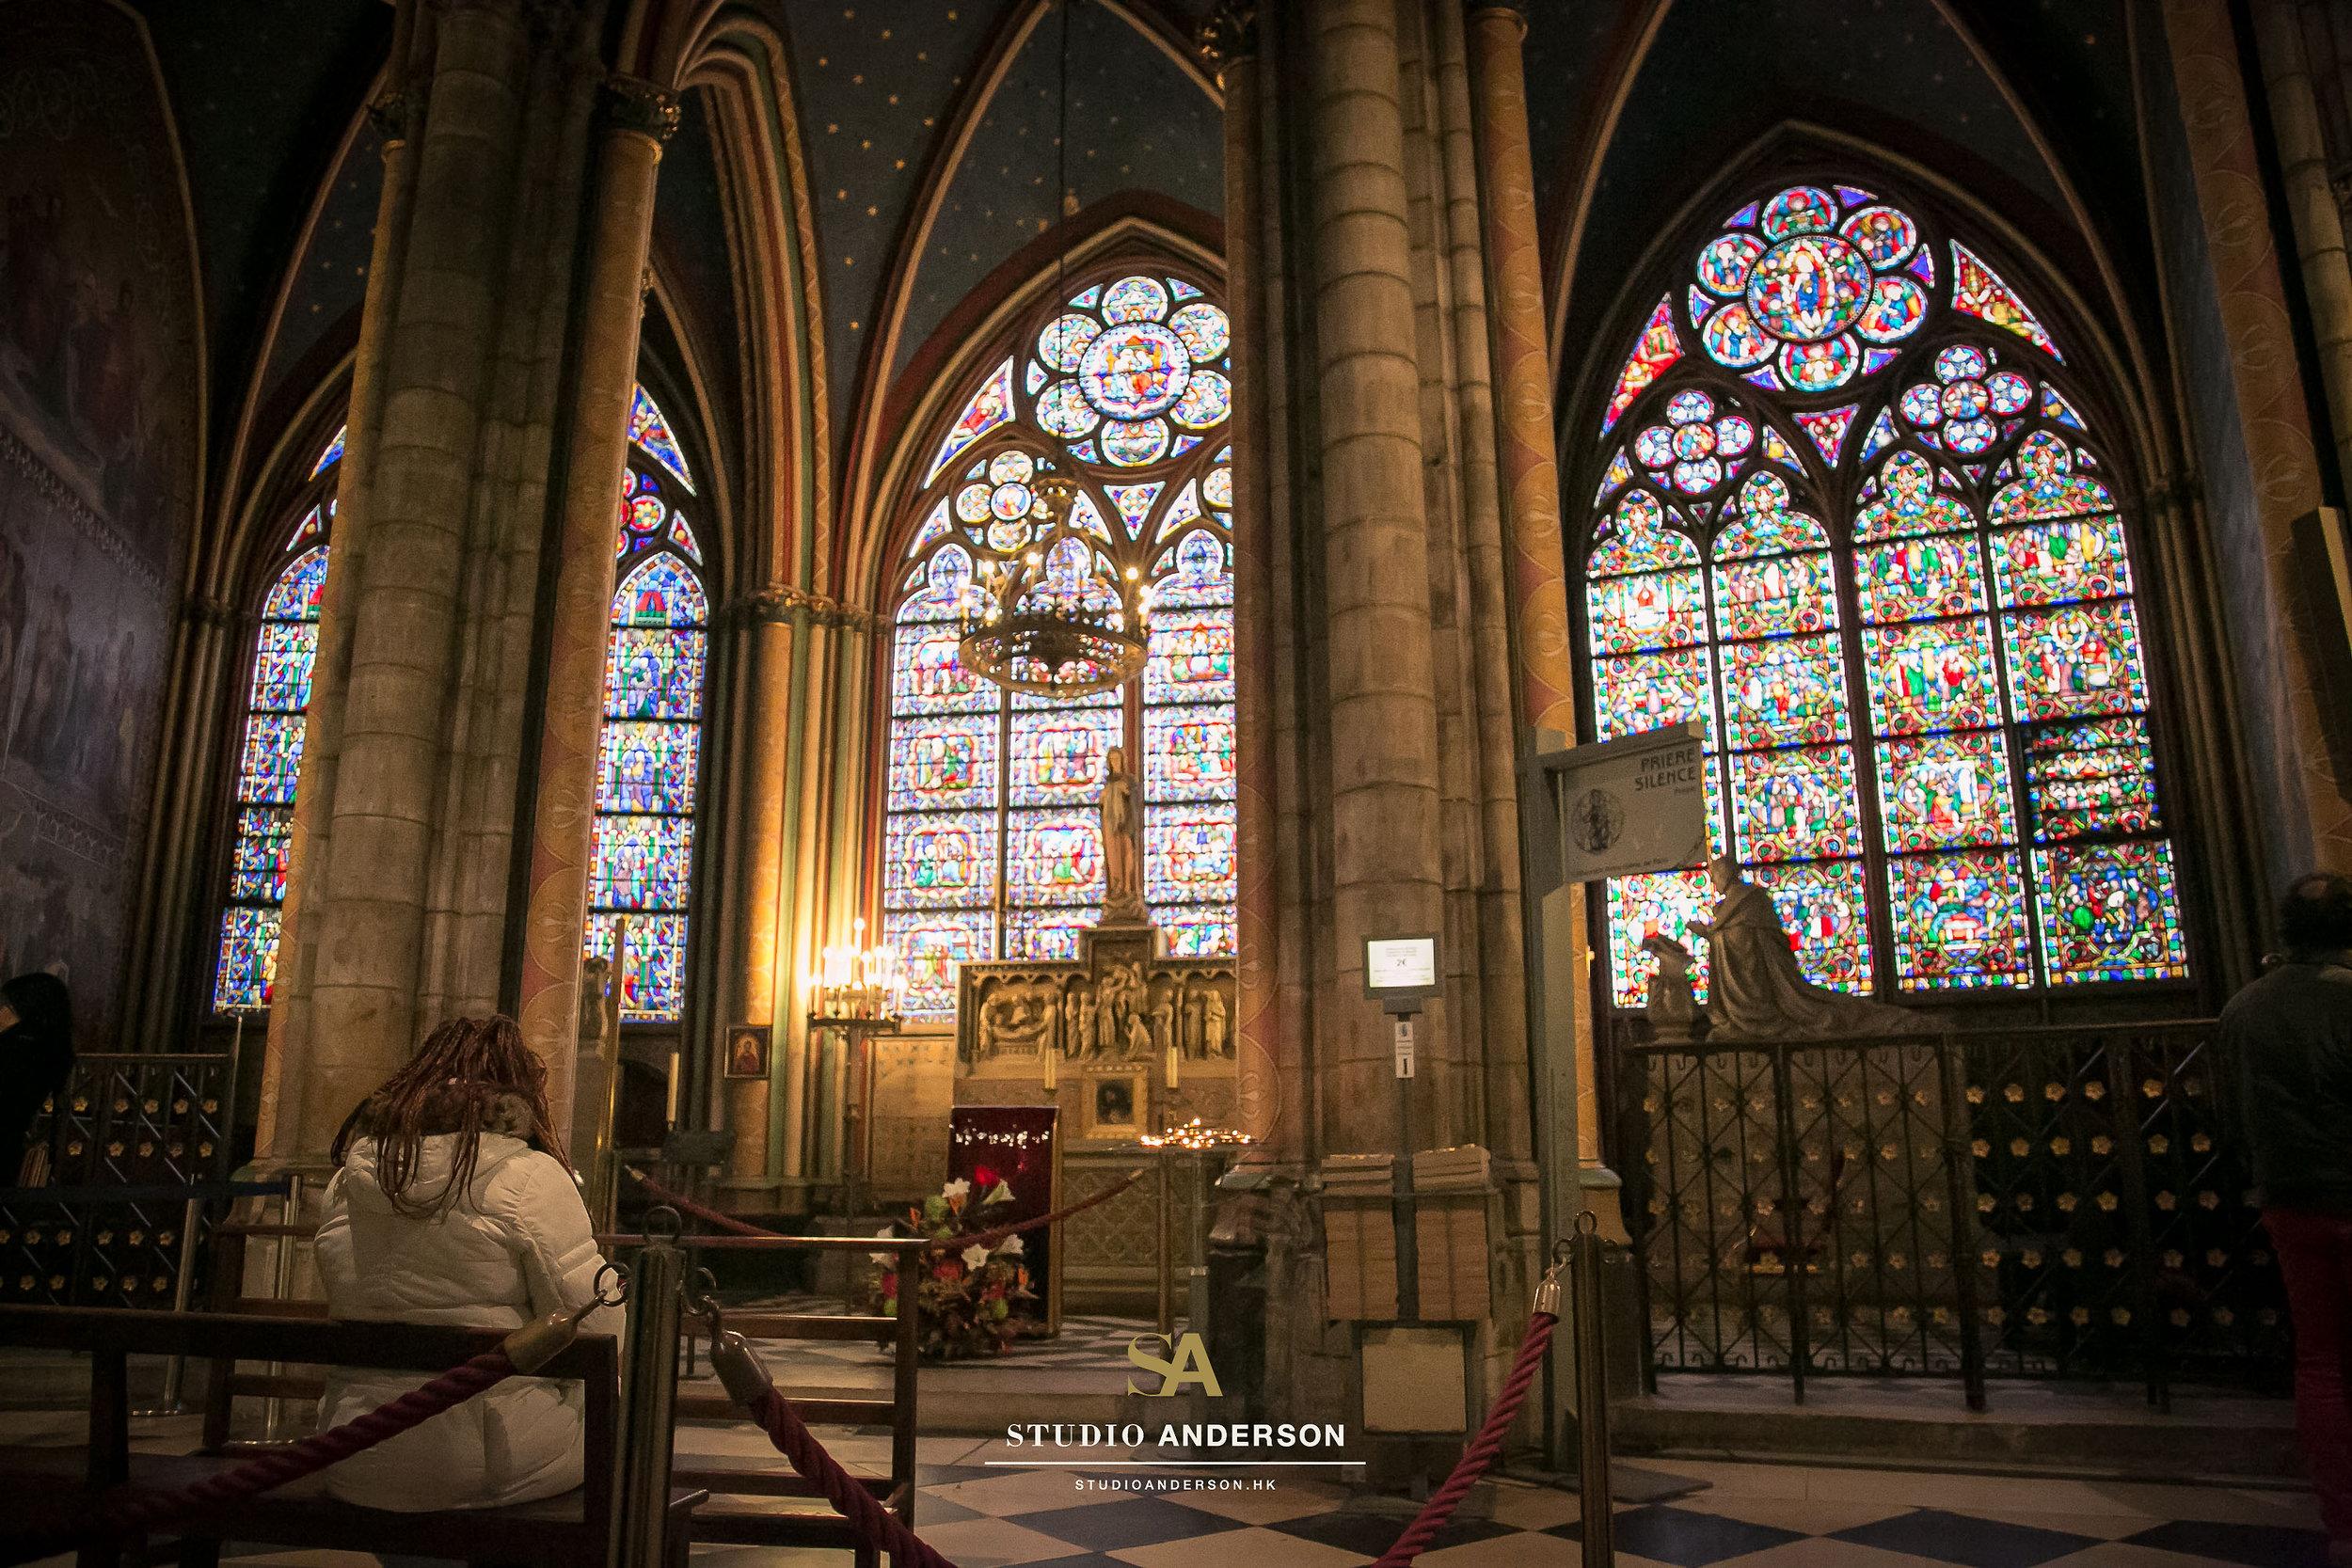 373_Paris_LON_2757 (Watermark).jpg